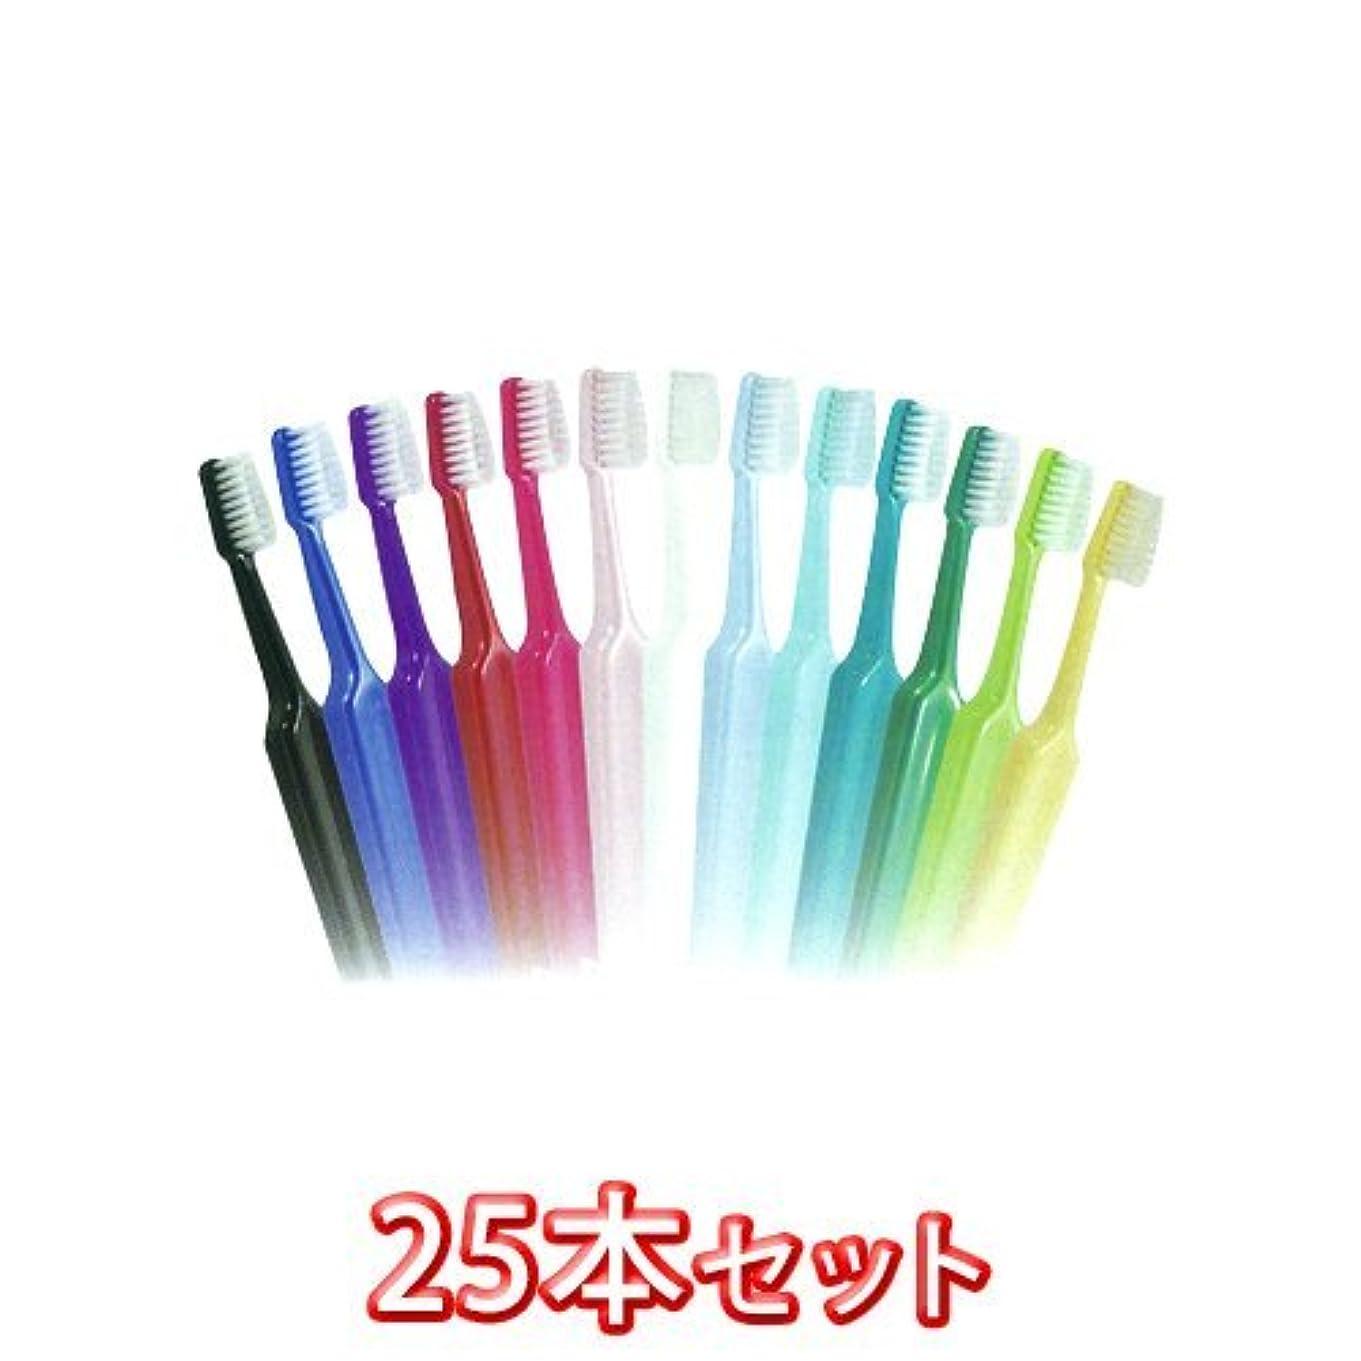 副詞瞳おとこクロスフィールド TePe テペ セレクトソフト 歯ブラシ 25本入